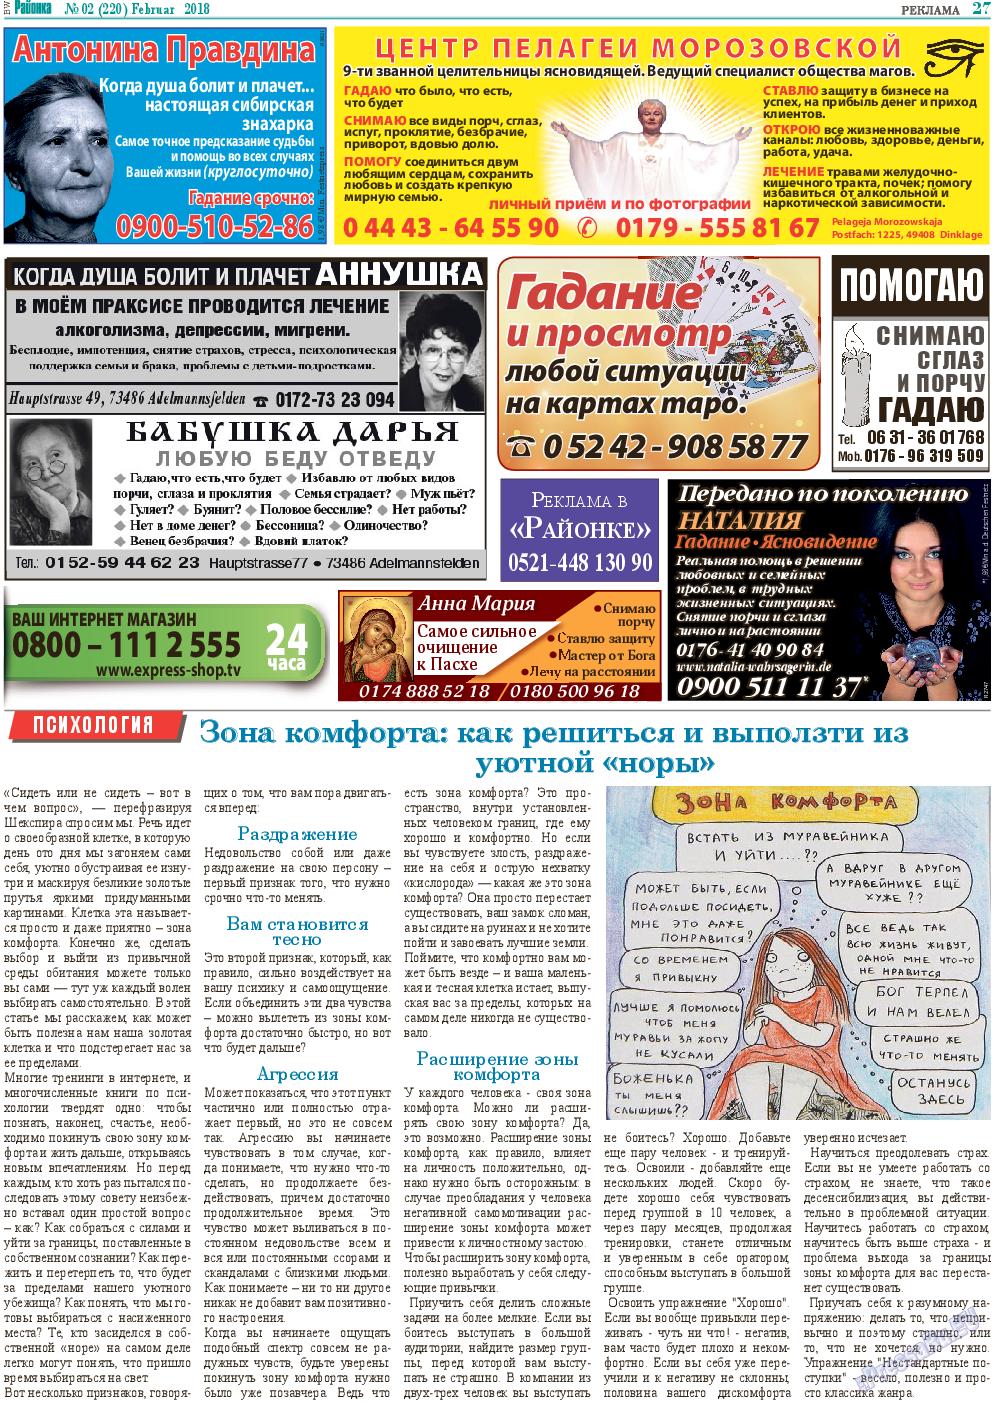 Районка-West (газета). 2019 год, номер 2, стр. 27